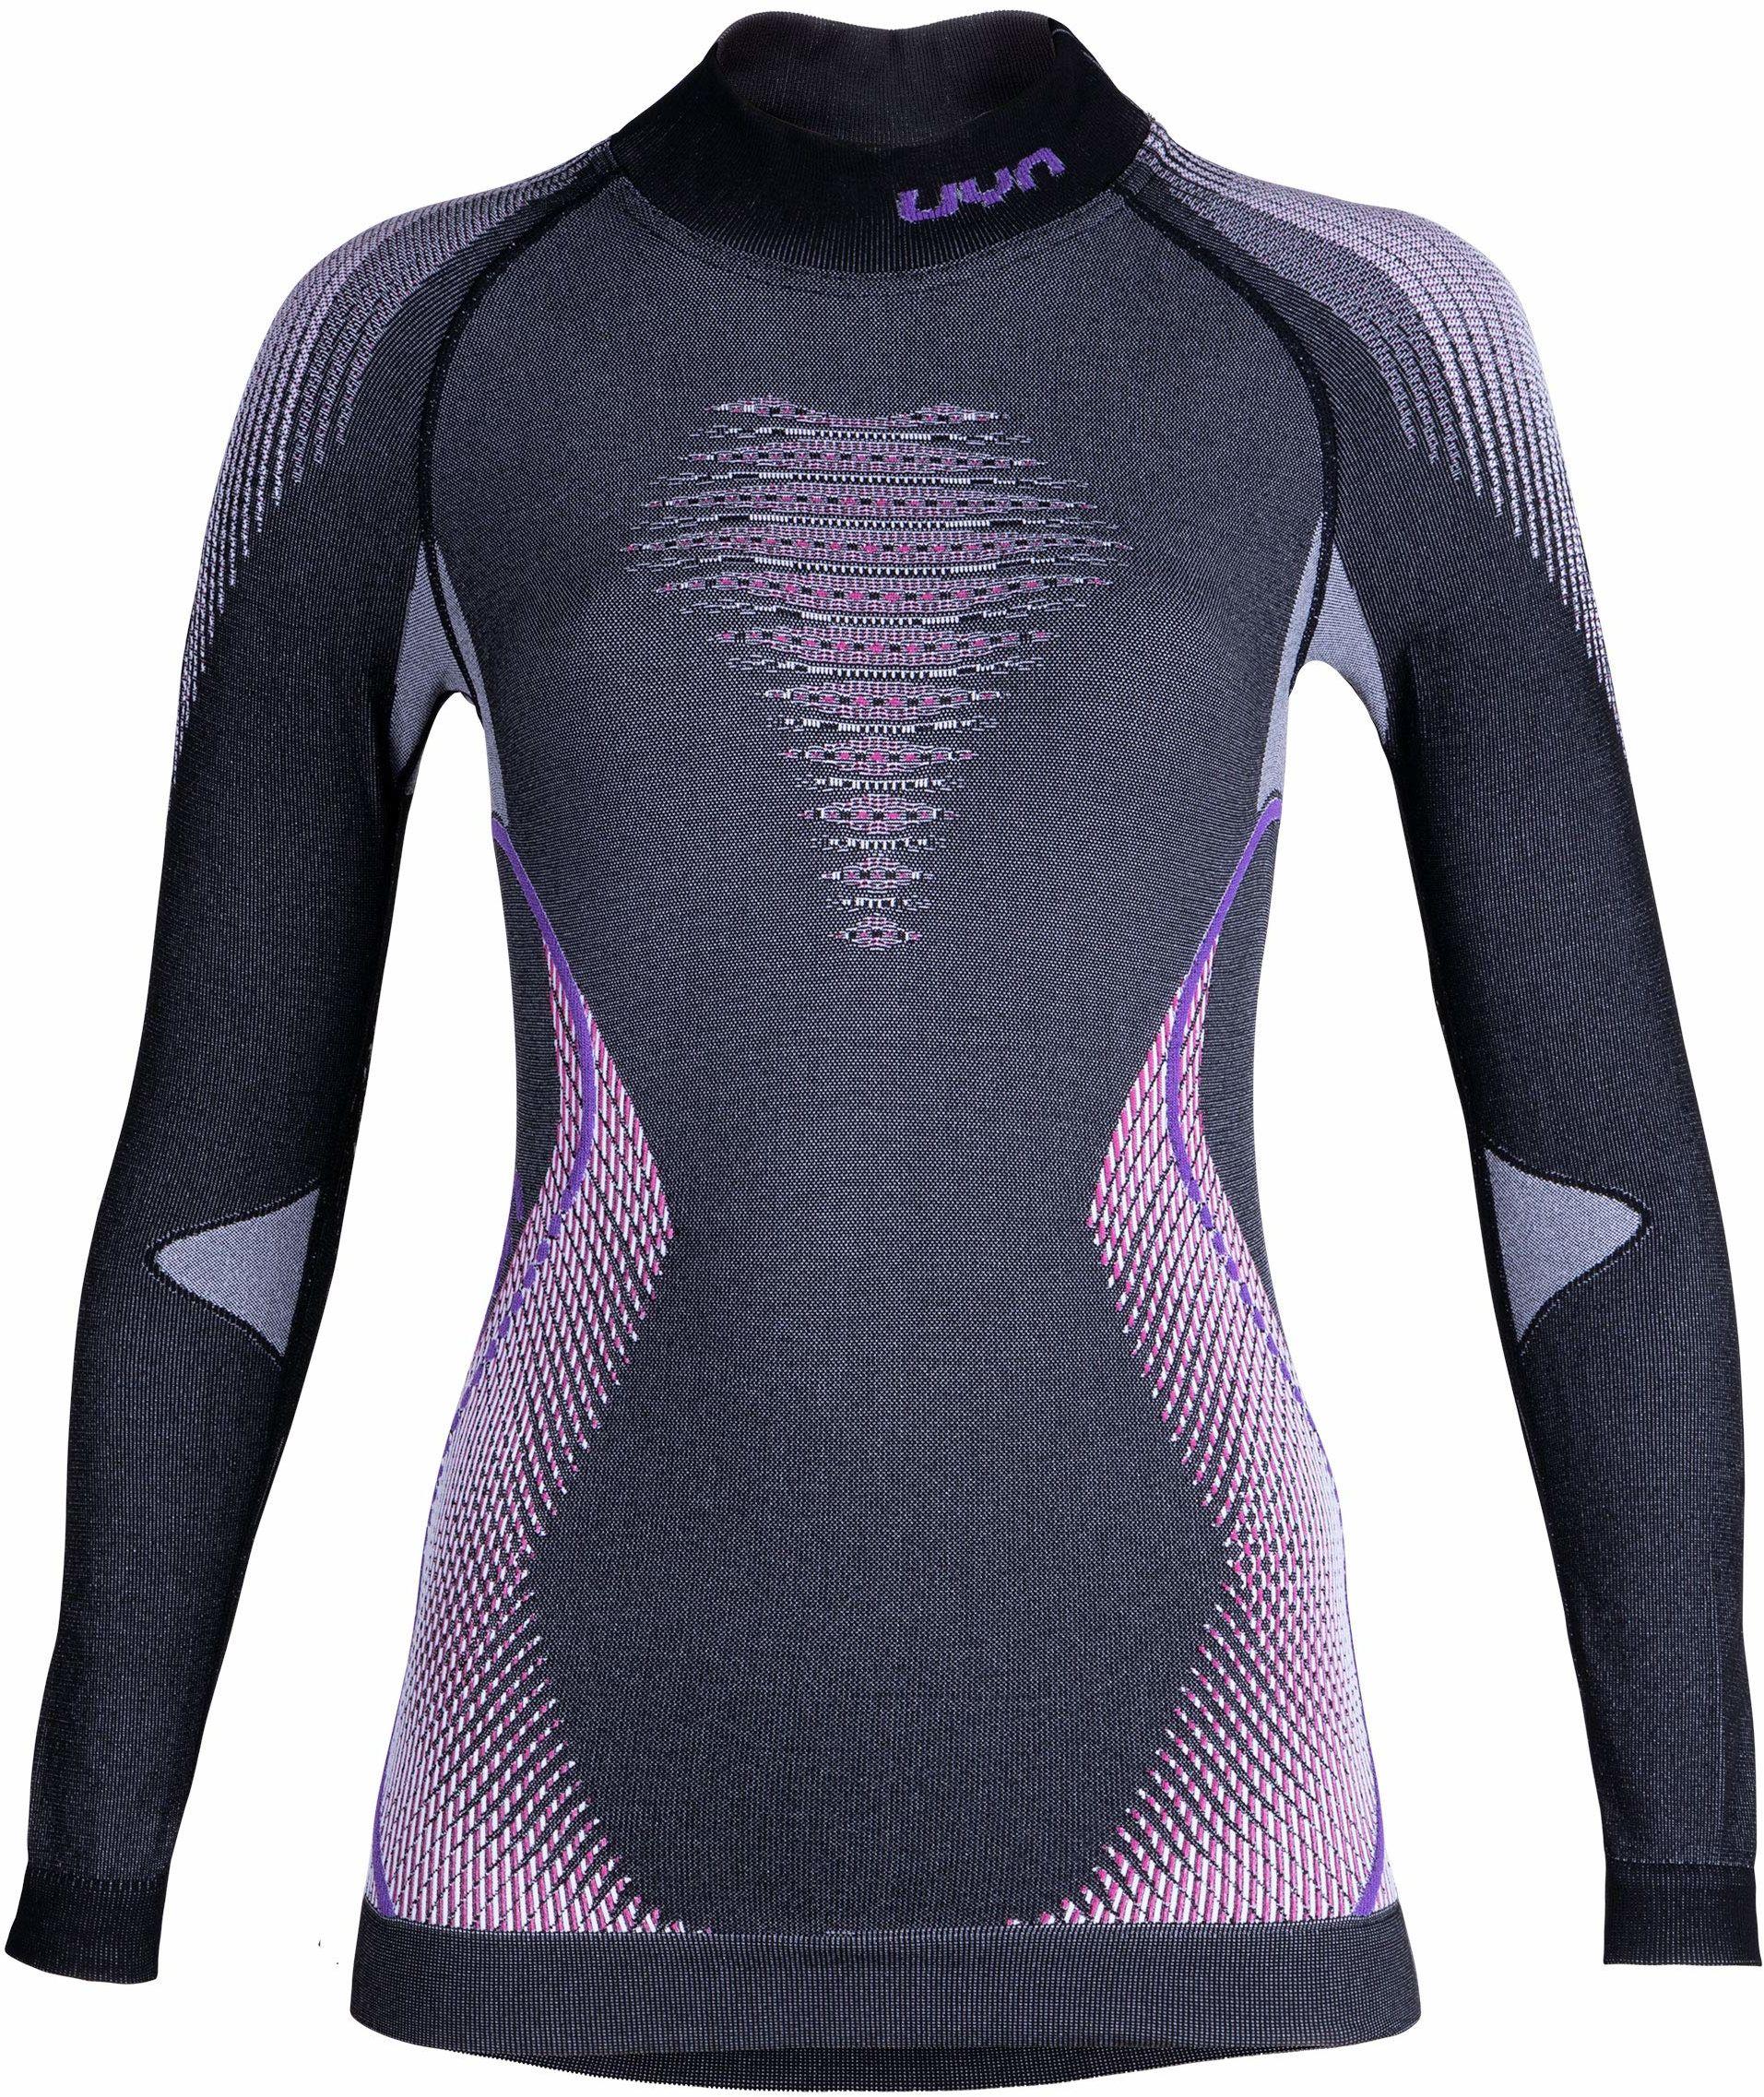 UYN damska koszulka z długim rękawem Evolutyon Uw z długim rękawem Turtle Neck melanż szary Anthracite Melange/Raspberry/Purple L-XL